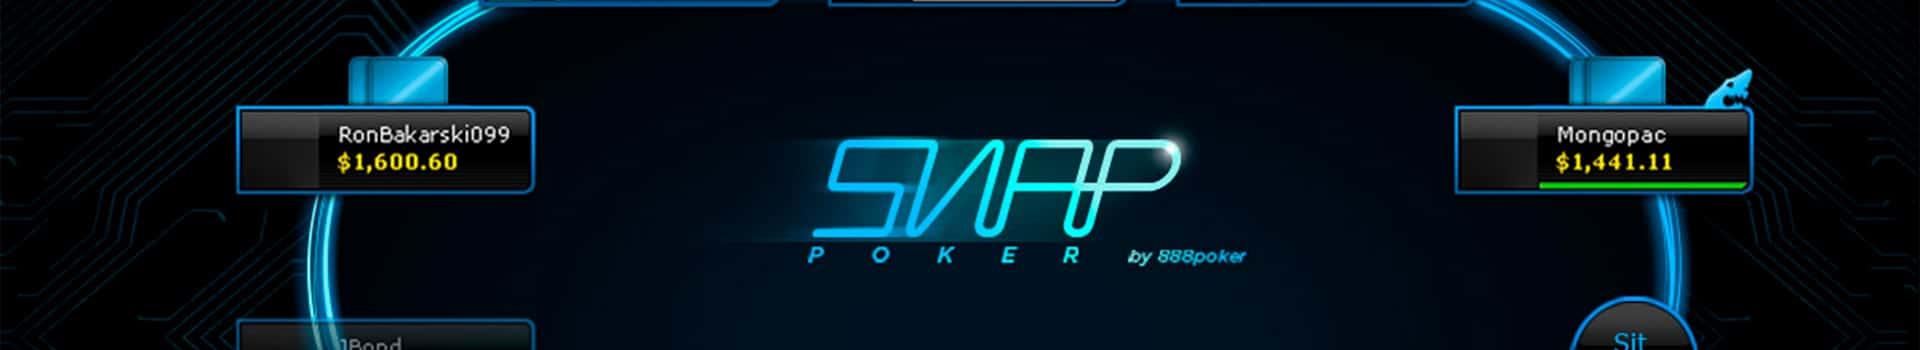 SNAP Poker: быстрый сброс карт и мгновенное продолжение игры